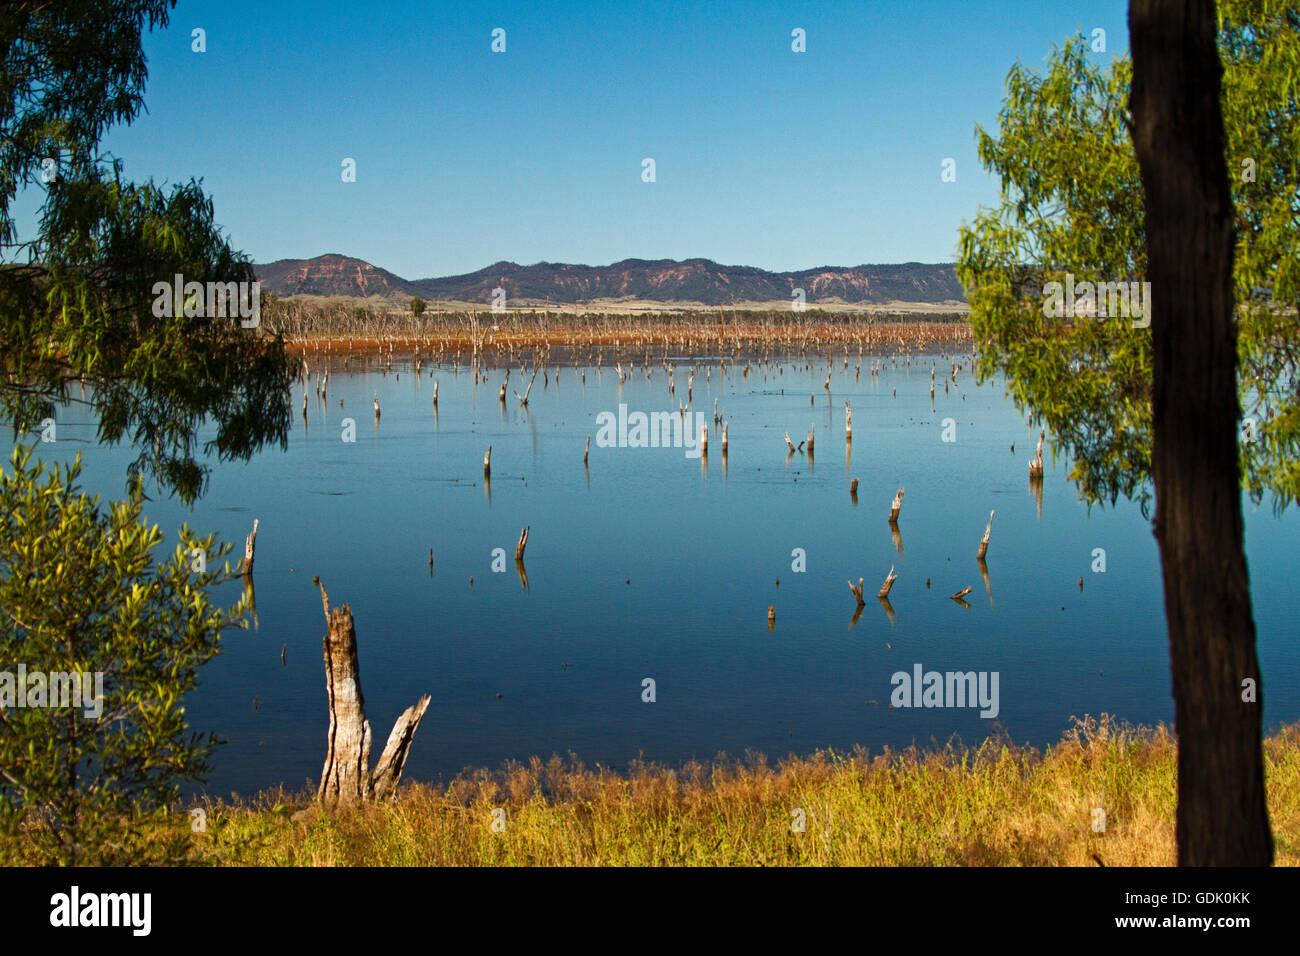 Gran tranquilas aguas azules del lago Nuga Nuga con rangos de Carnarvon resistente en el horizonte bajo un cielo Imagen De Stock